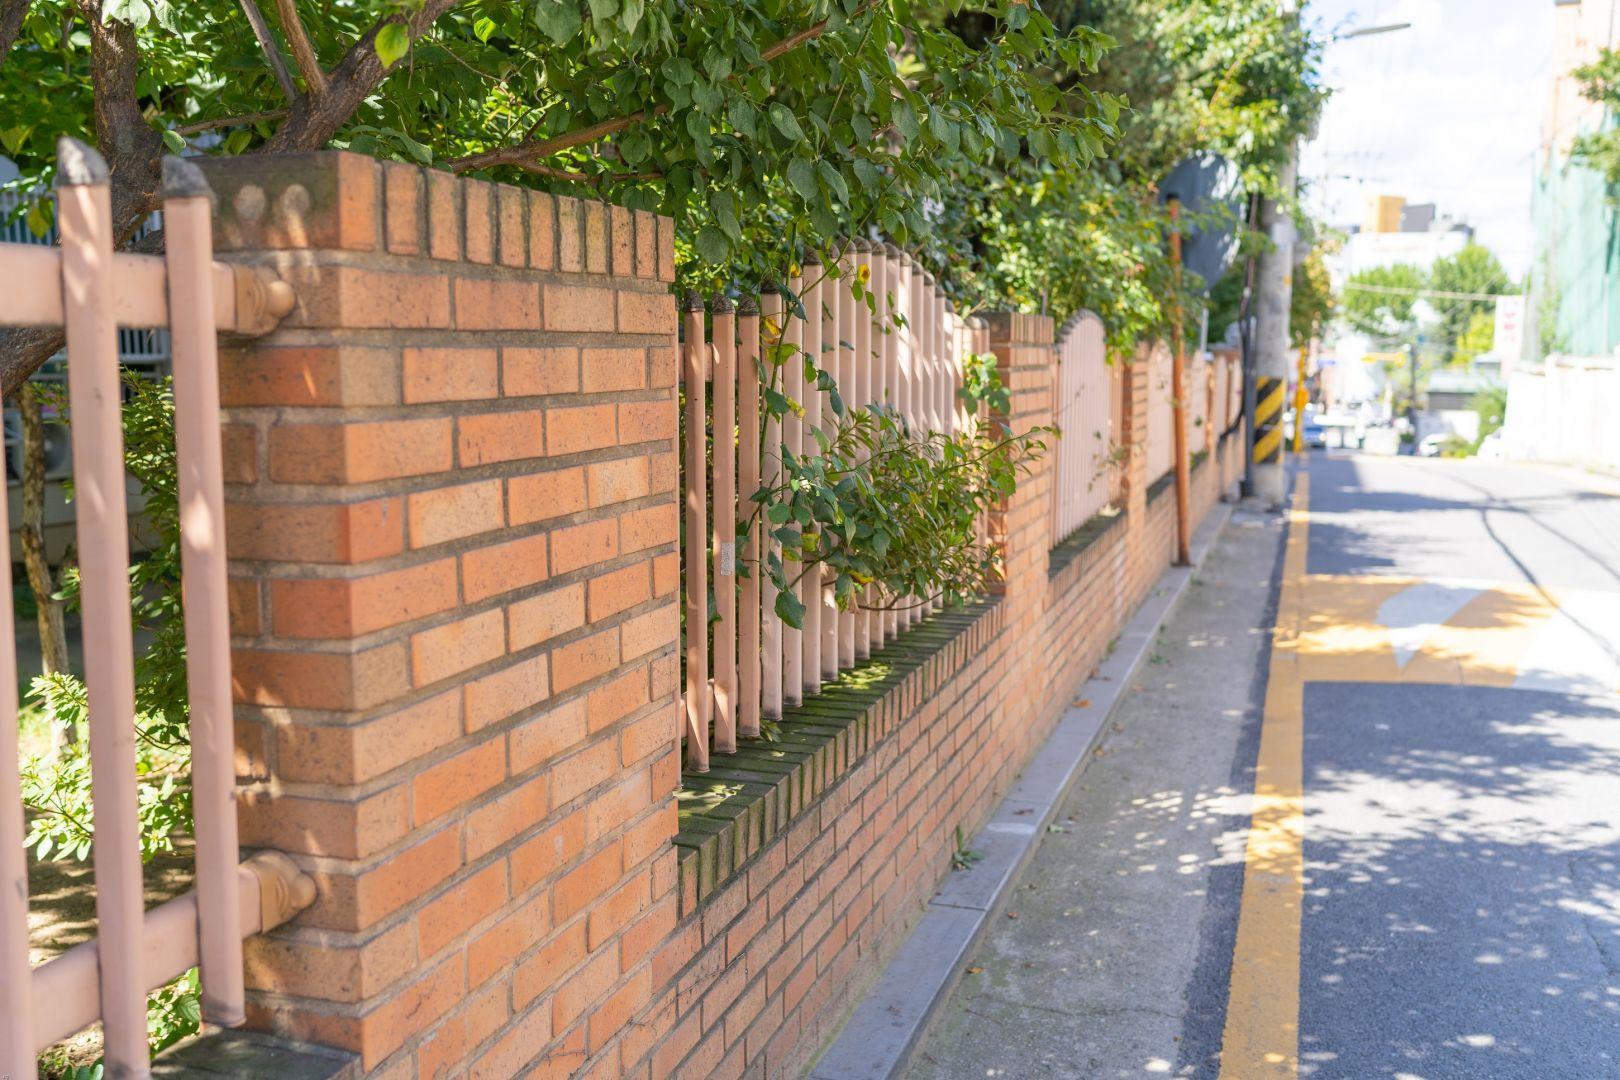 Pojawiające się zabrudzenia nie tylko obniżają estetykę ogrodzenia, ale również zmniejszają jego trwałość i skracają żywotność. Fot. Jurga